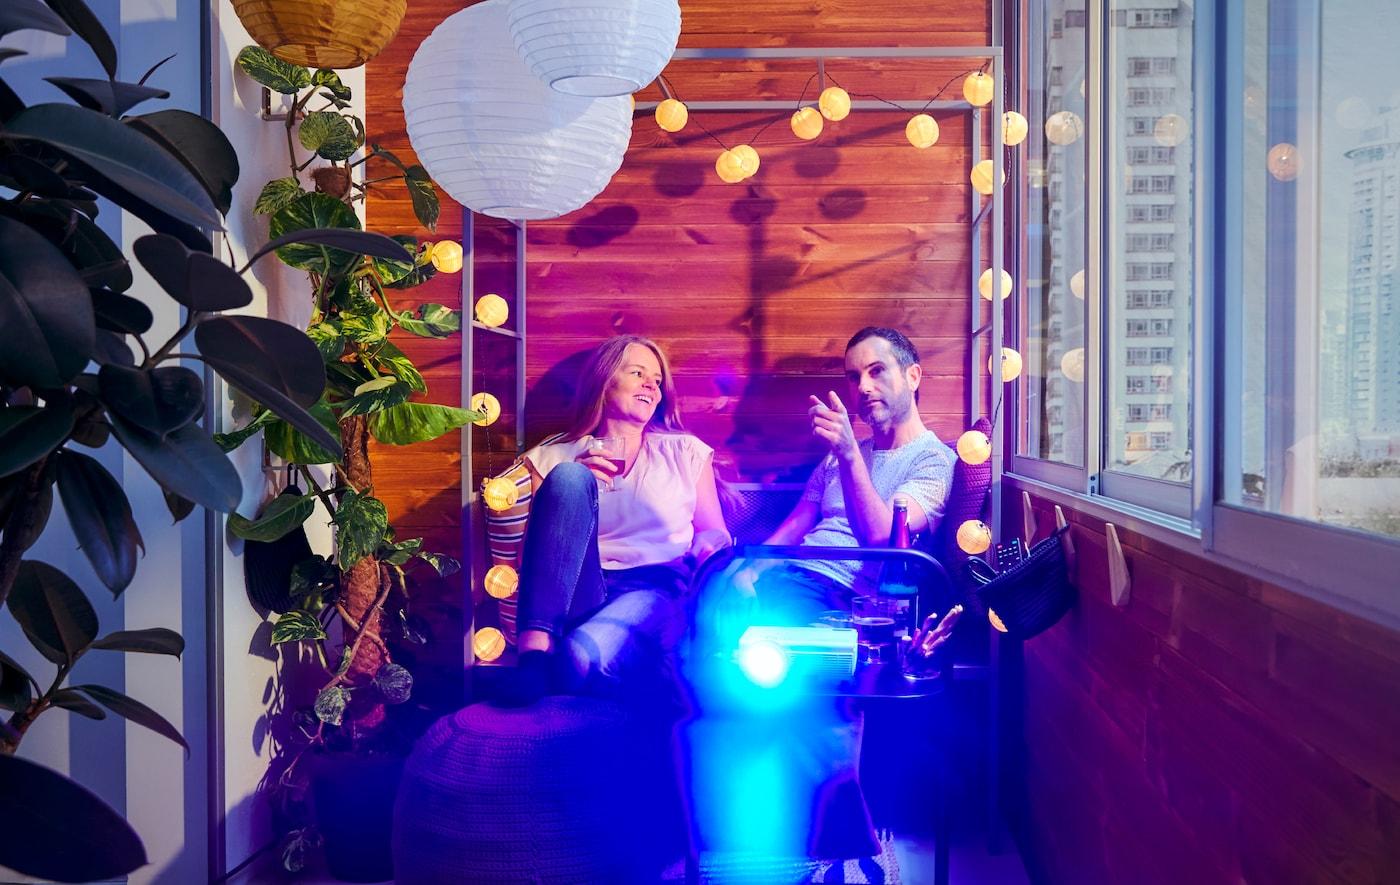 Arrange a spontaneous cinema night on your balcony - IKEA